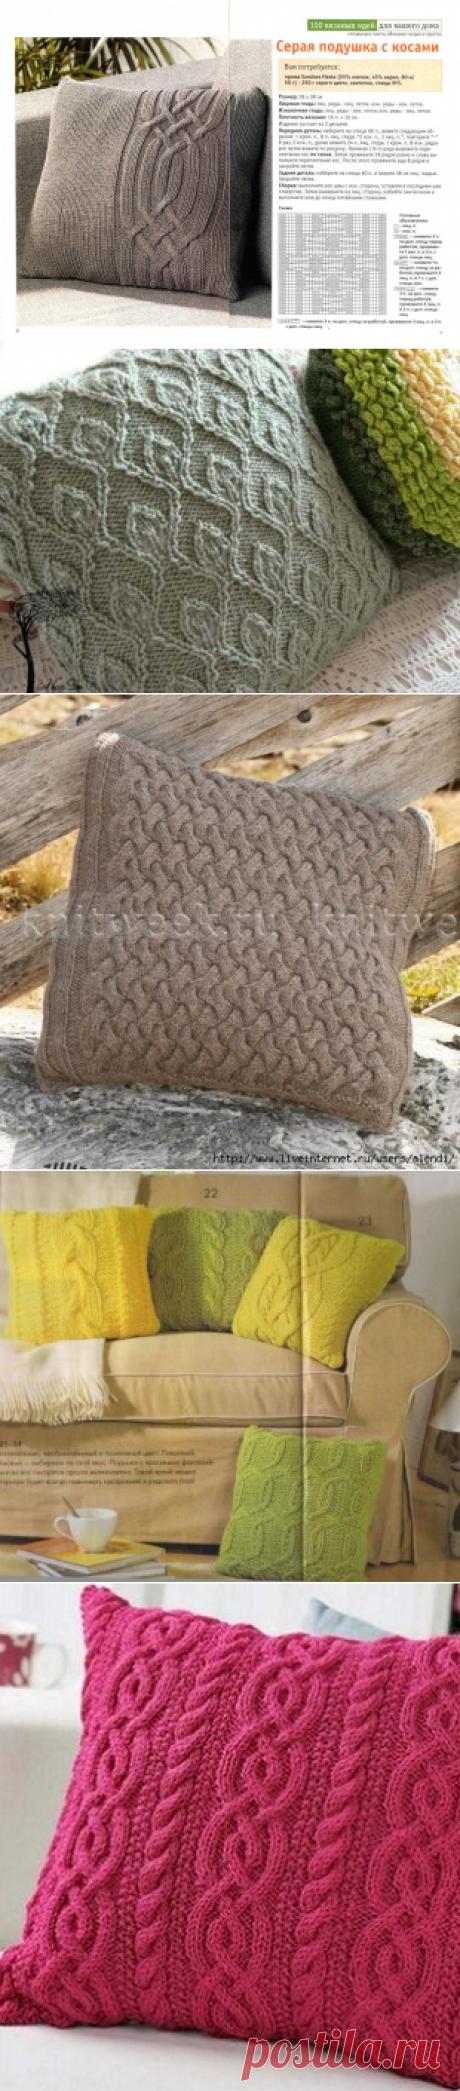 Подушки обьемными узорами спицами.Подборка из 11 Моделей